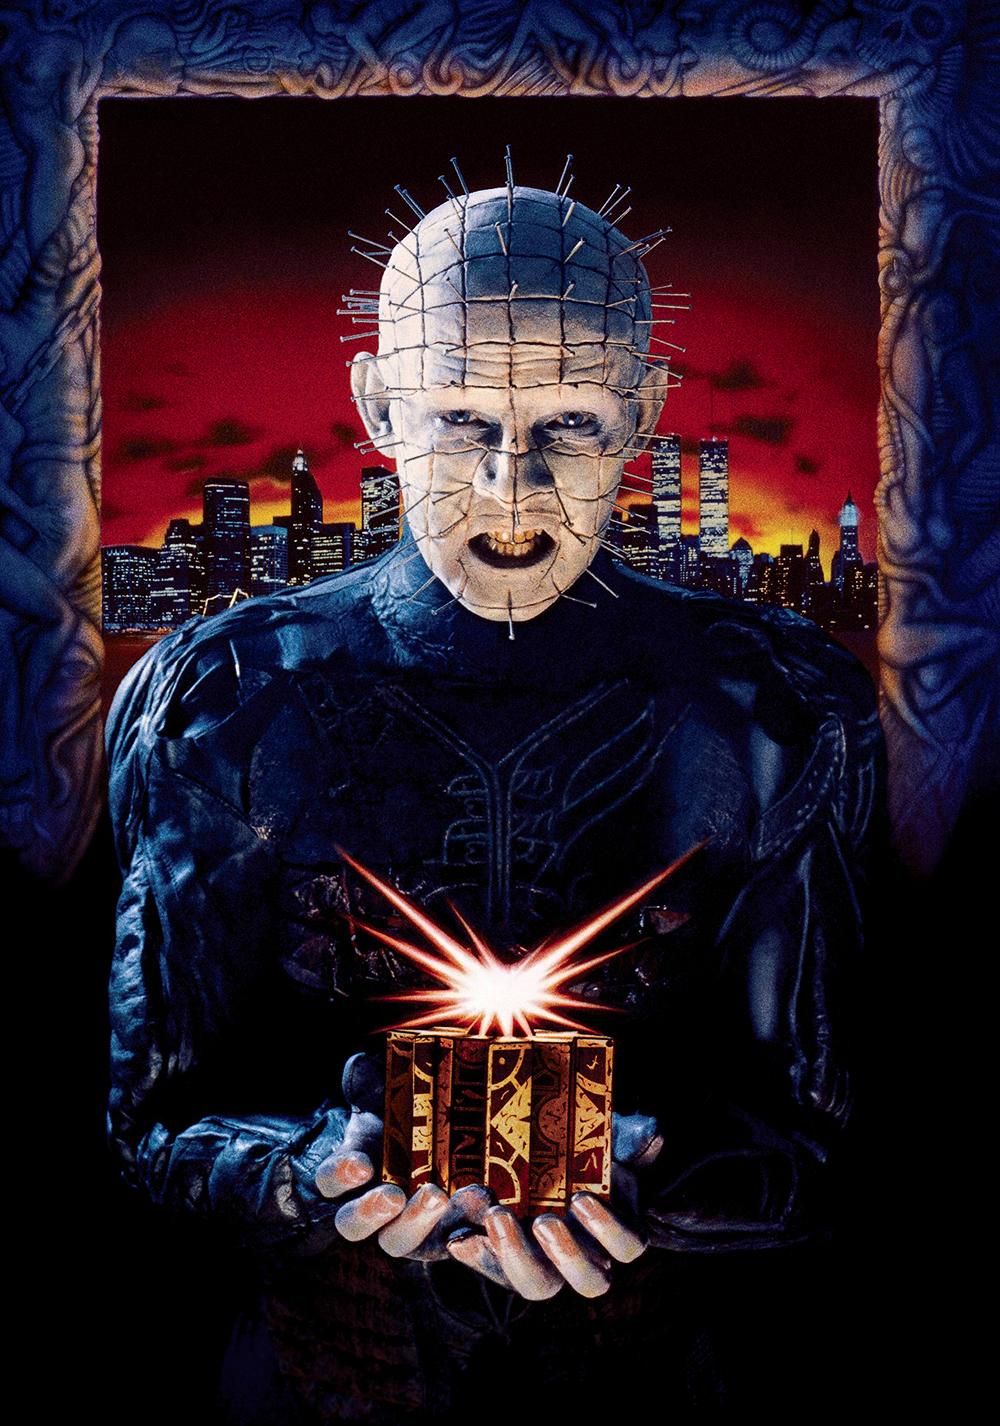 Movie Hellraiser III: Hell on Earth